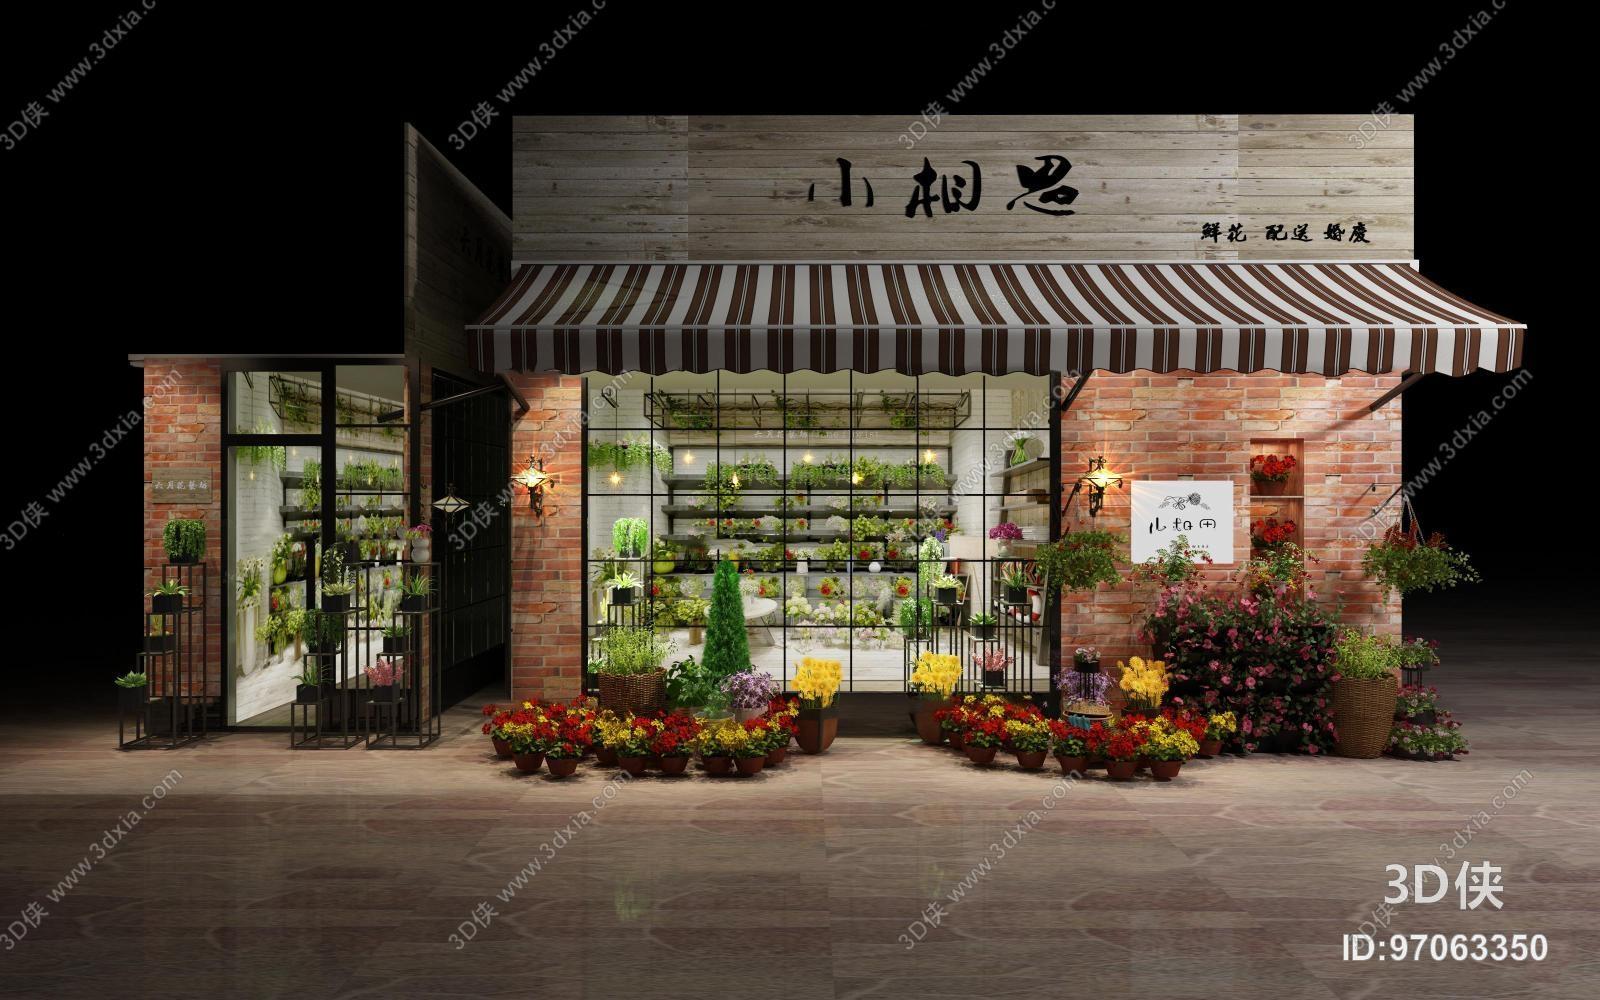 效果图素材免费下载,本作品主题是现代室外清新花店门头3d模型,编号是